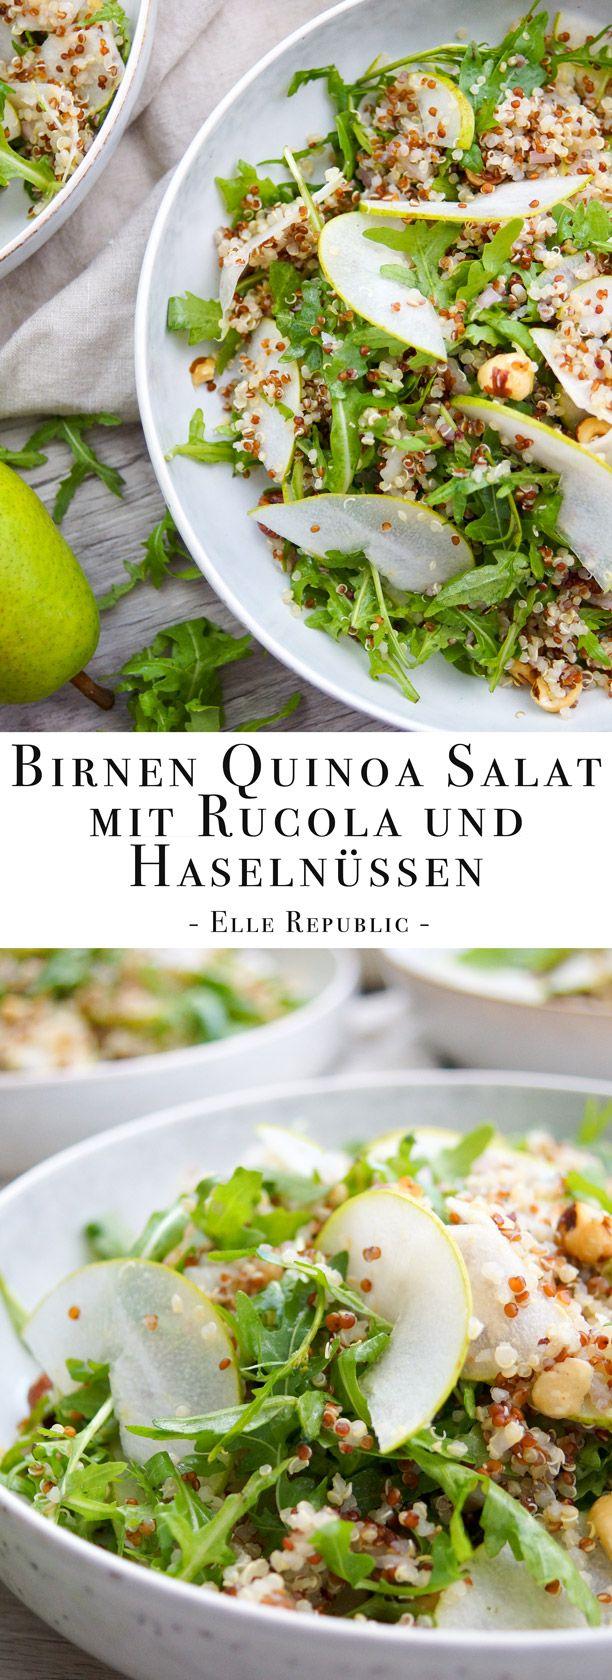 birnen quinoa salat mit rucola und ger steten haseln ssen salat mit rucola quinoa salat und. Black Bedroom Furniture Sets. Home Design Ideas